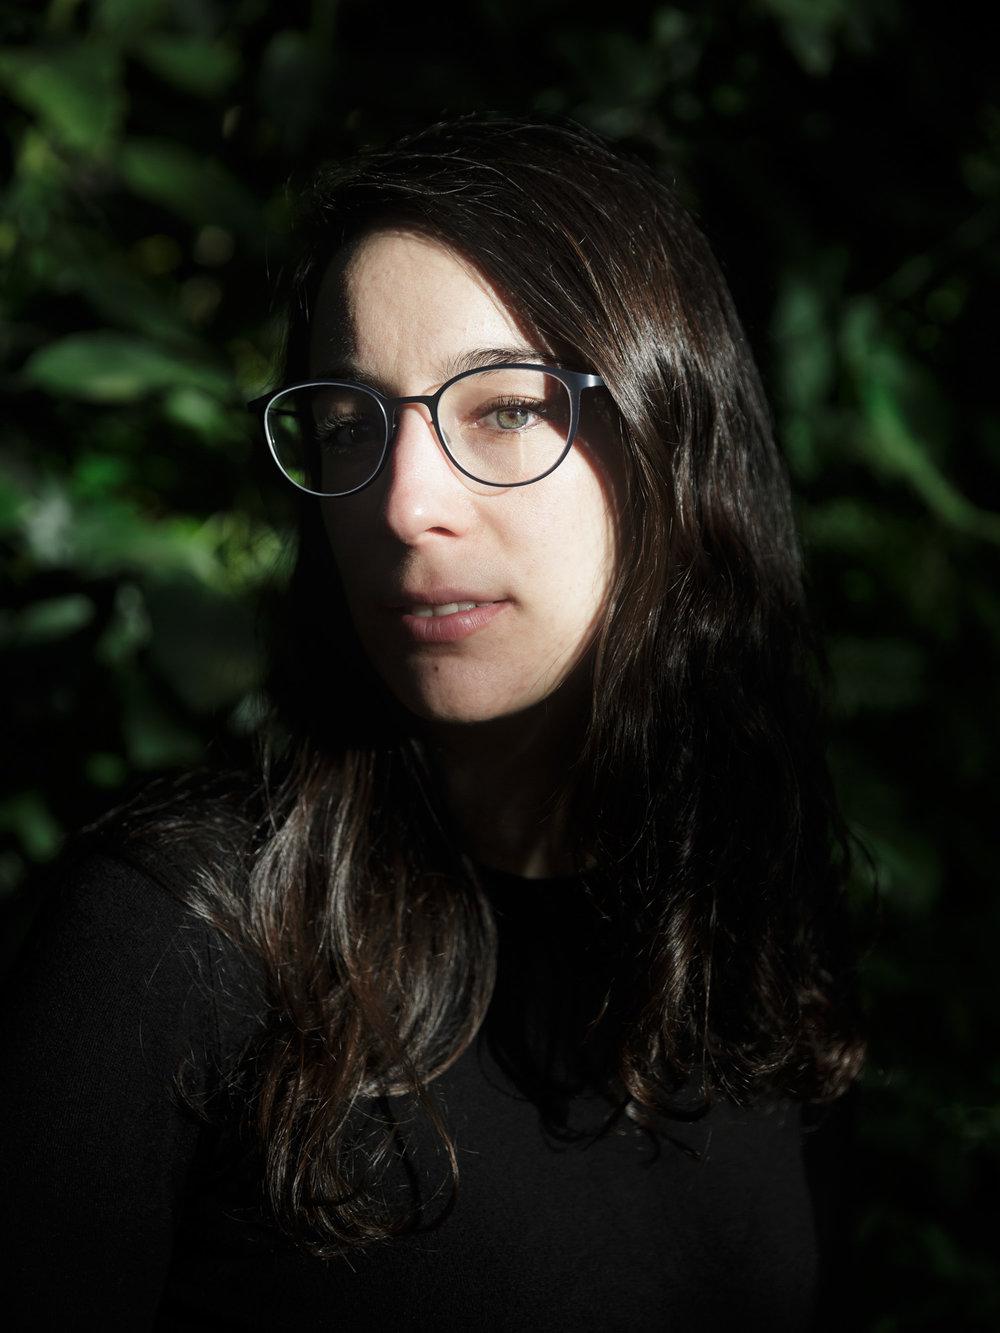 Océane Dayer, fondatrice de Swiss Youth for Climate. Janvier 2019.